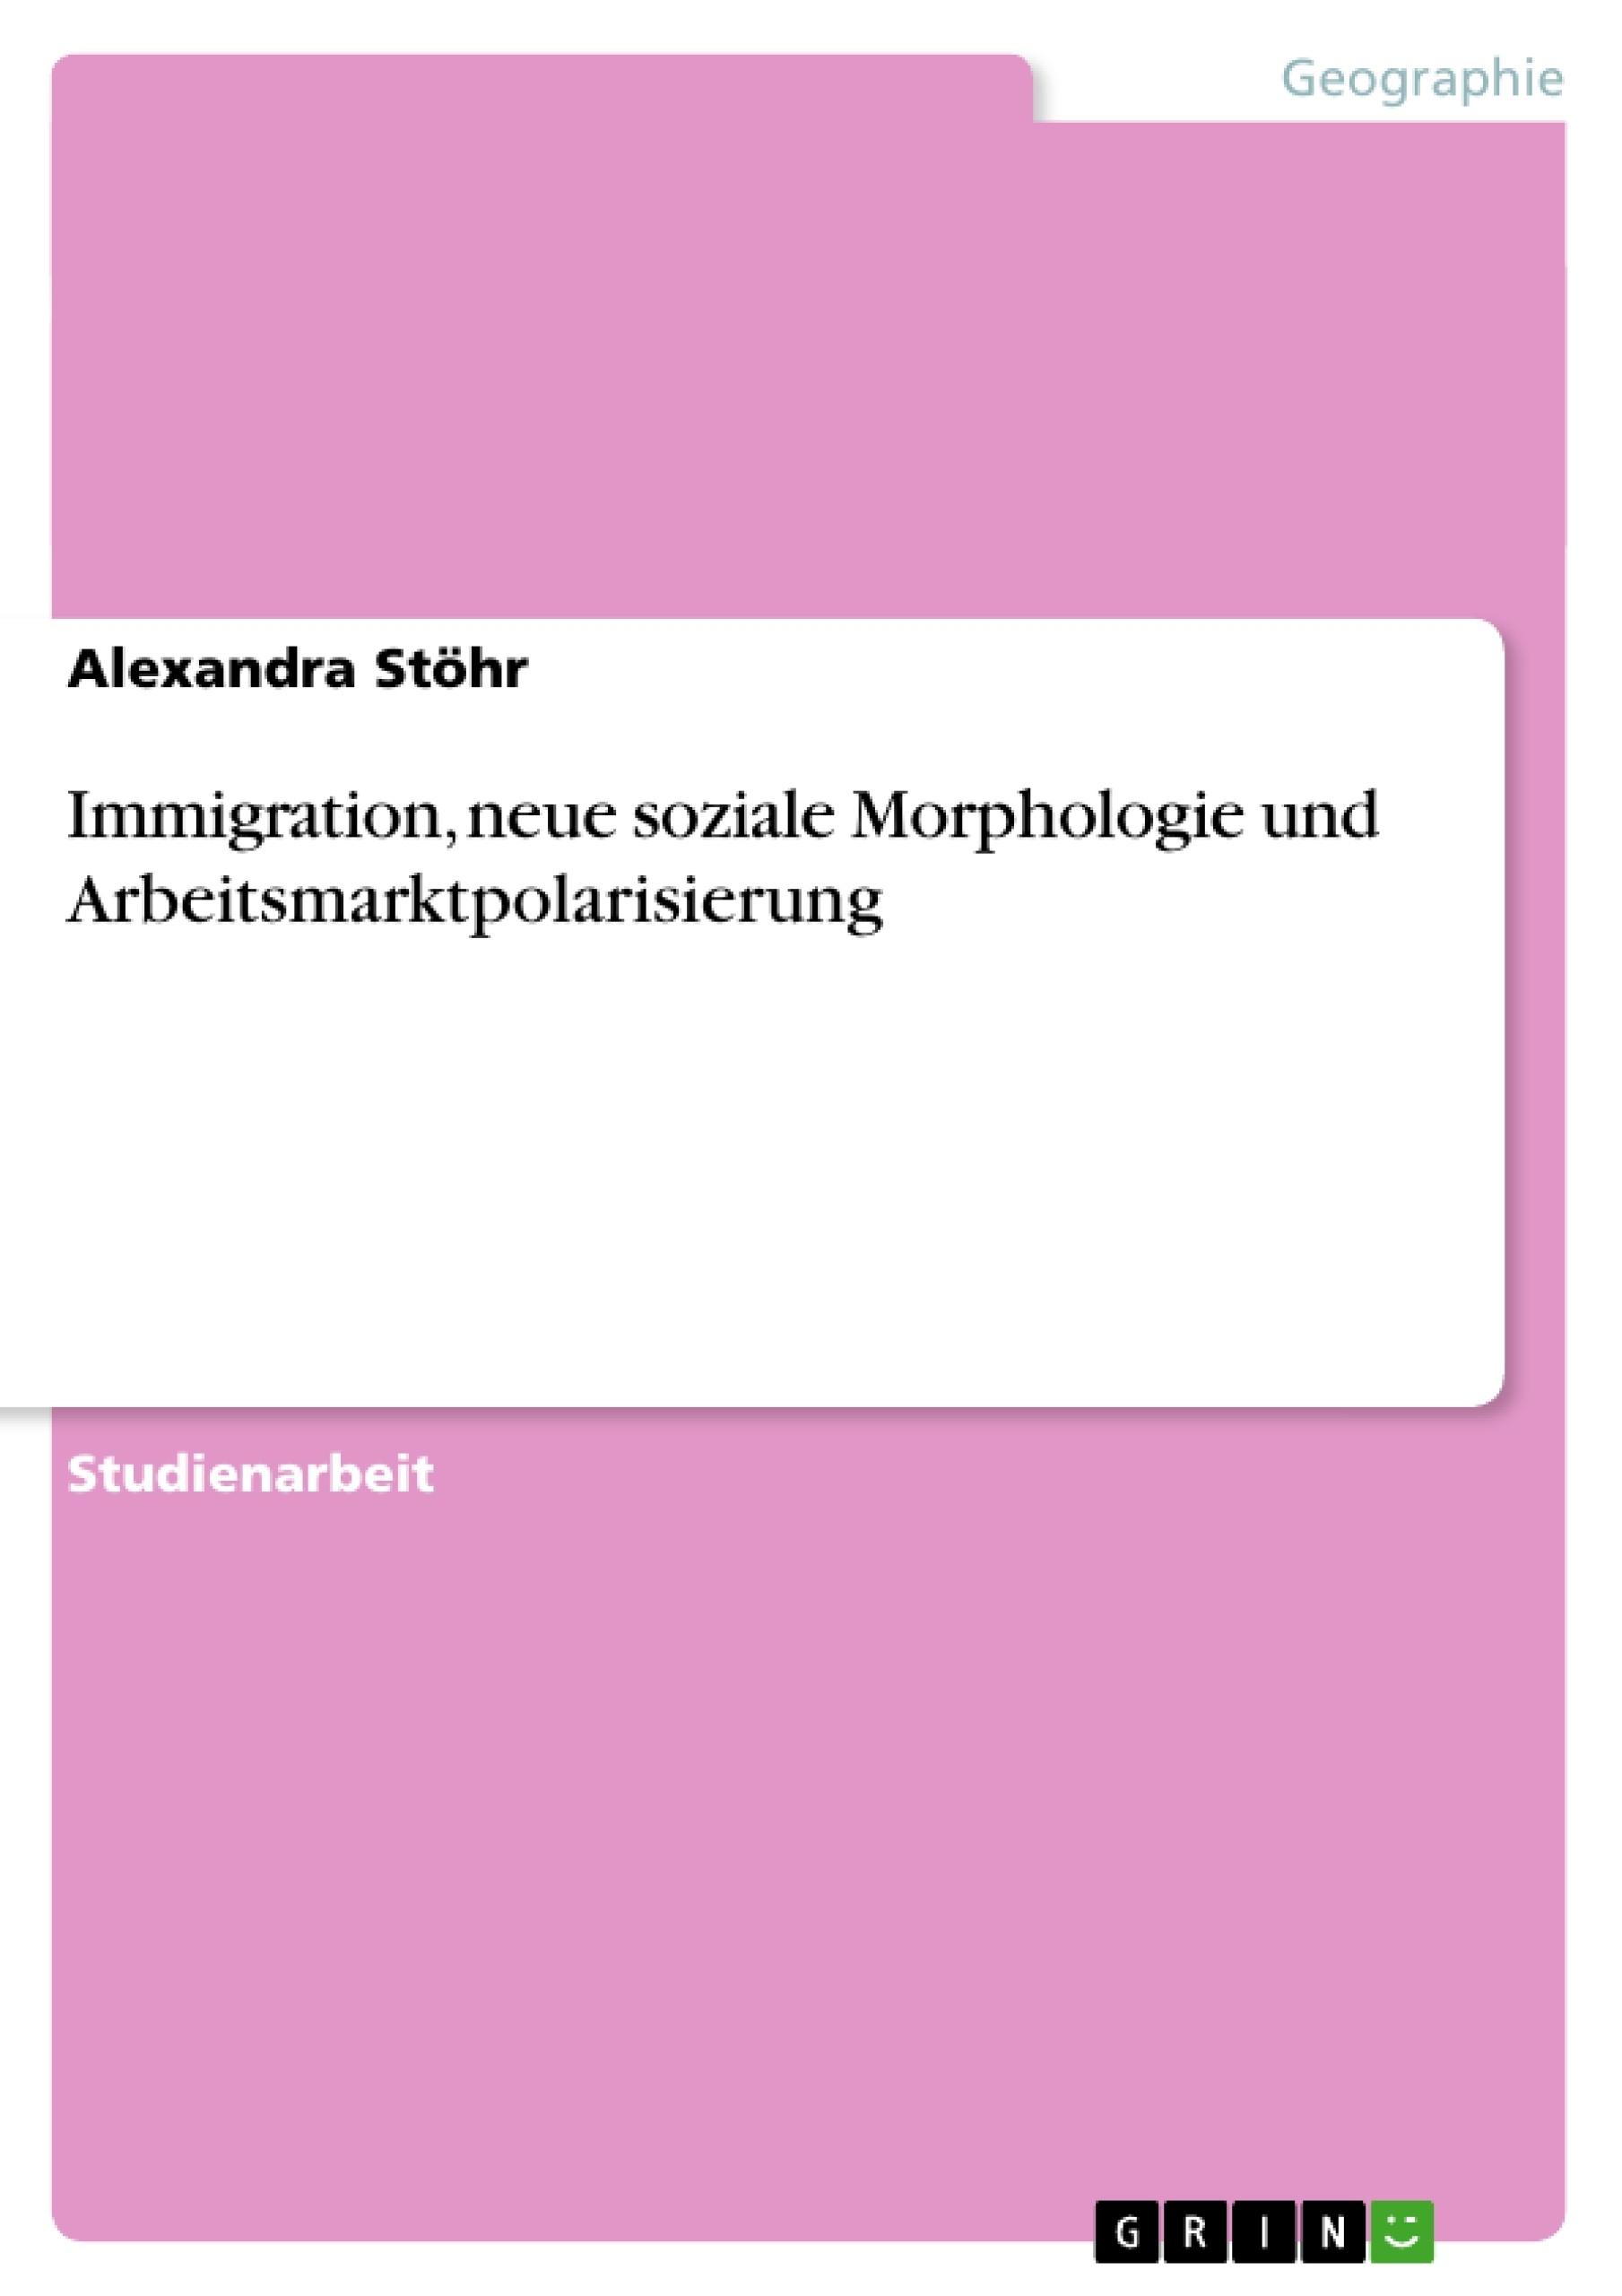 Titel: Immigration, neue soziale Morphologie und Arbeitsmarktpolarisierung